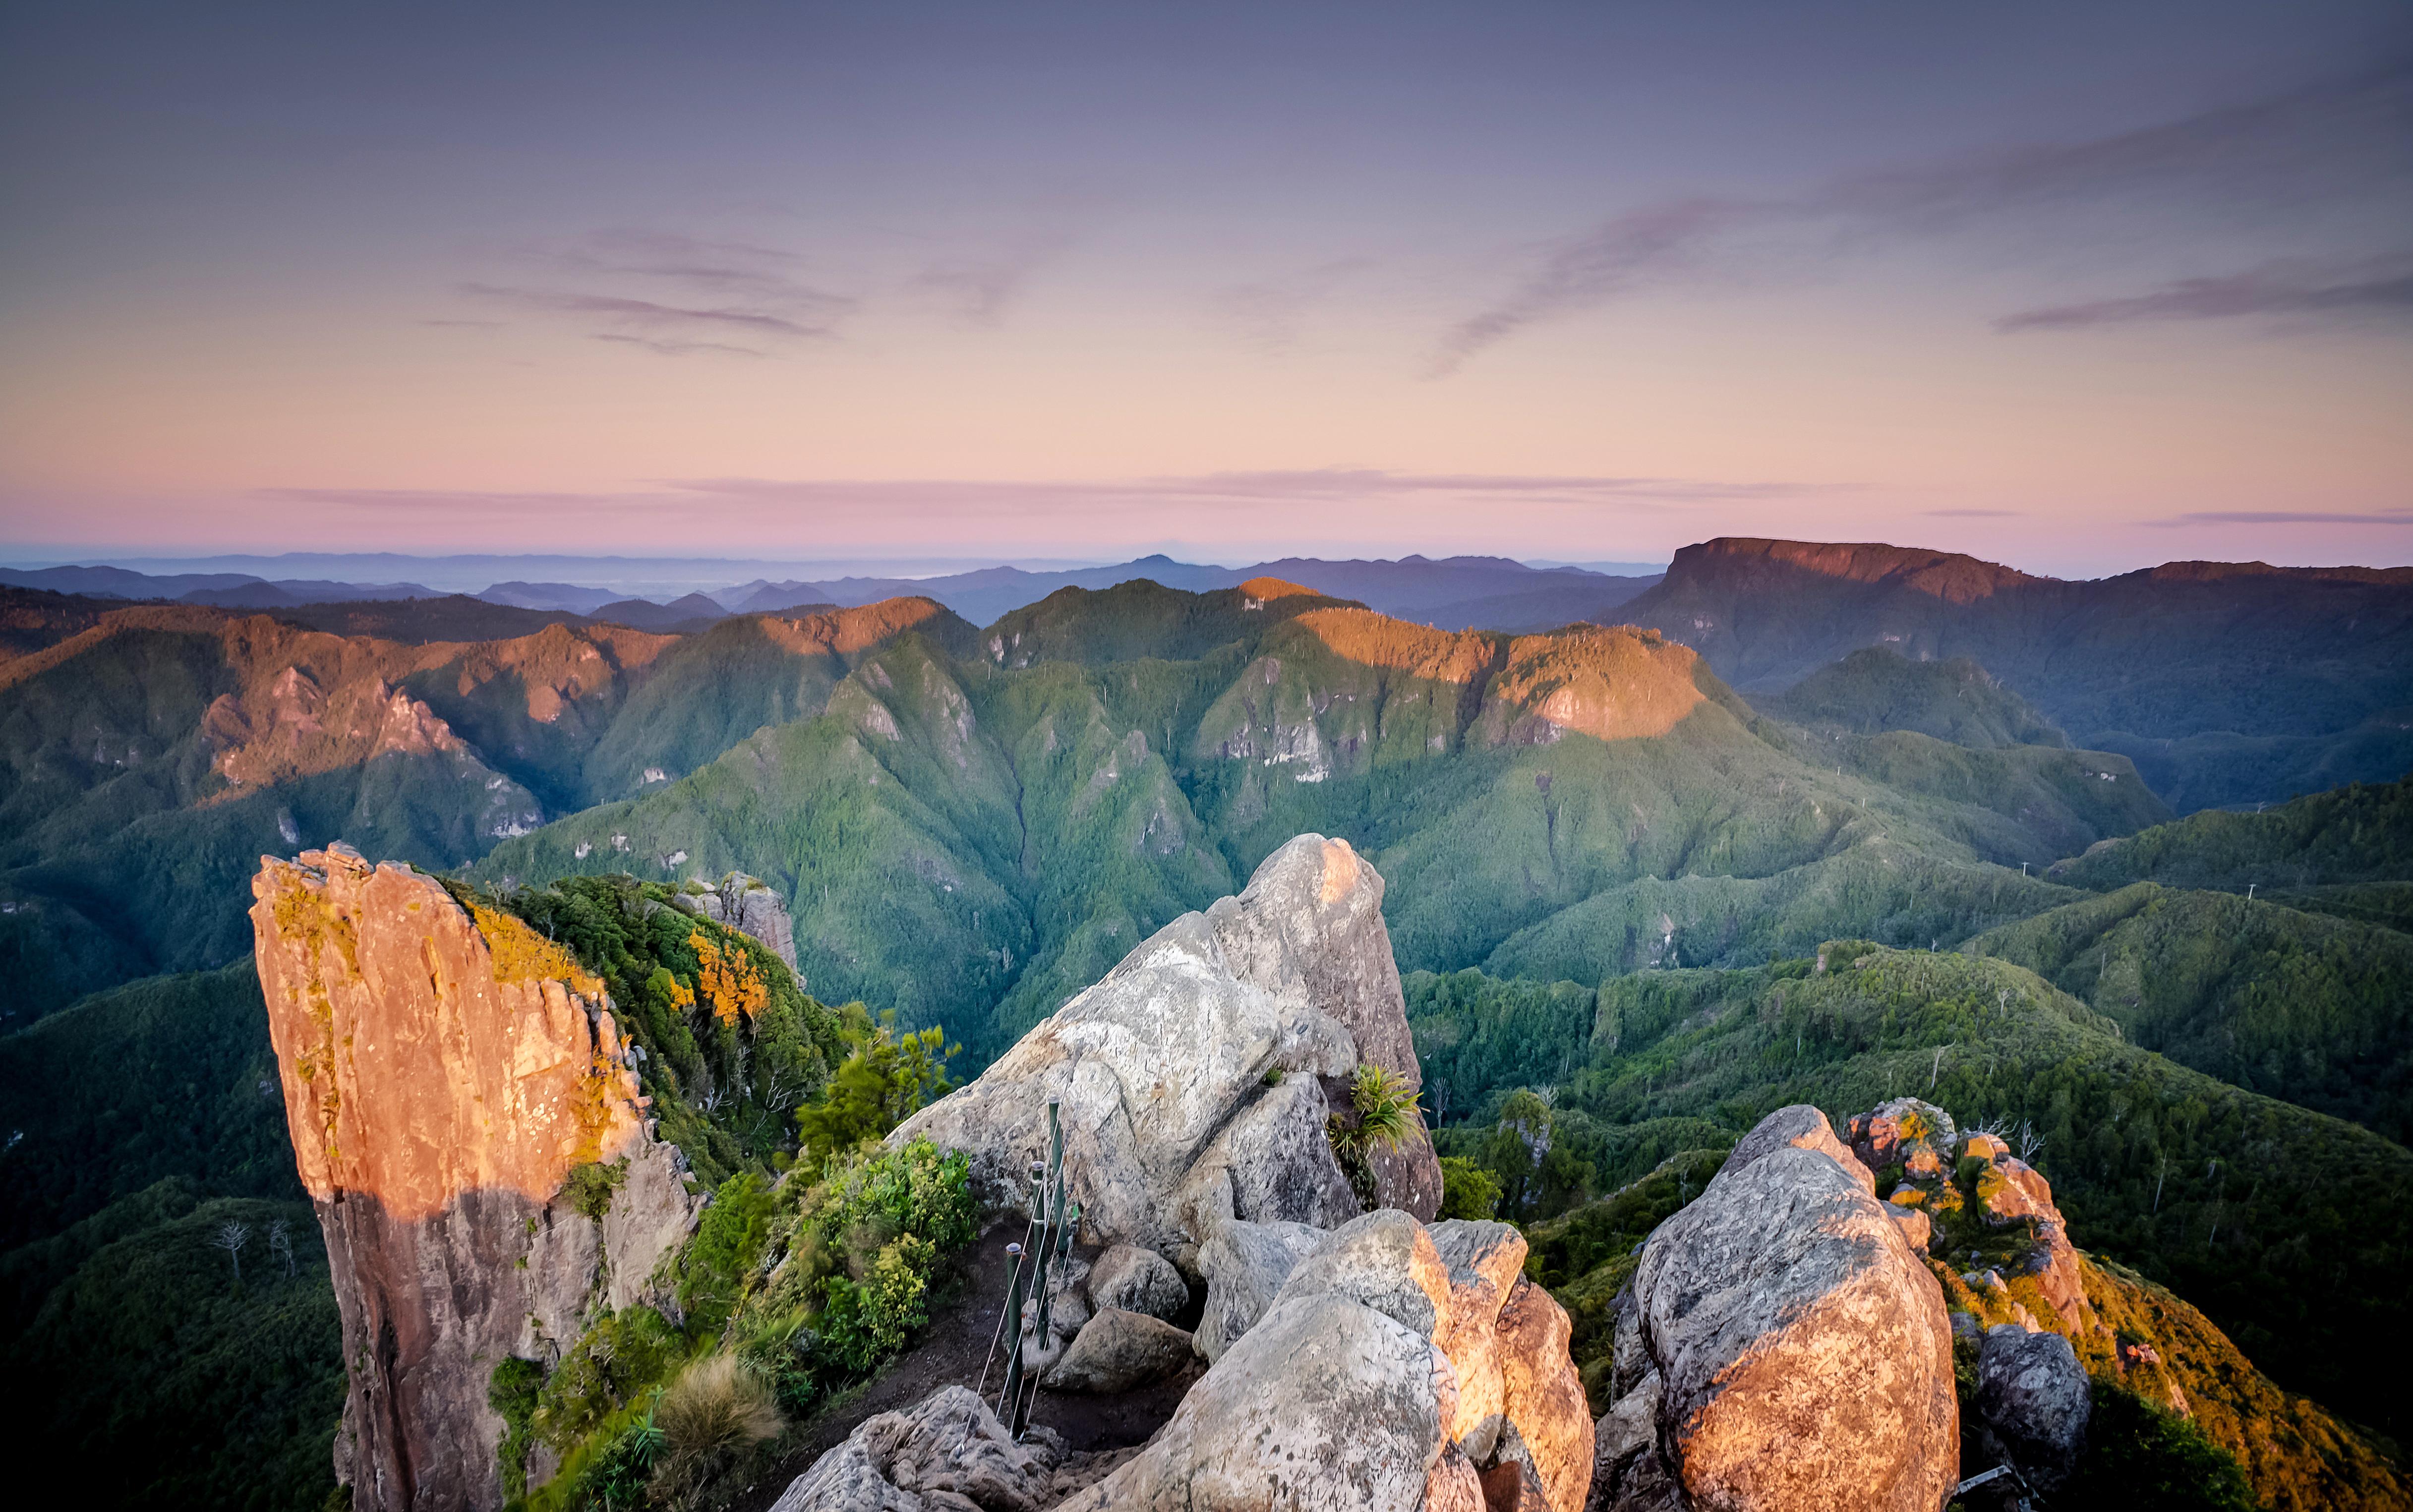 mountain ridge landscap eye - HD2434×1525